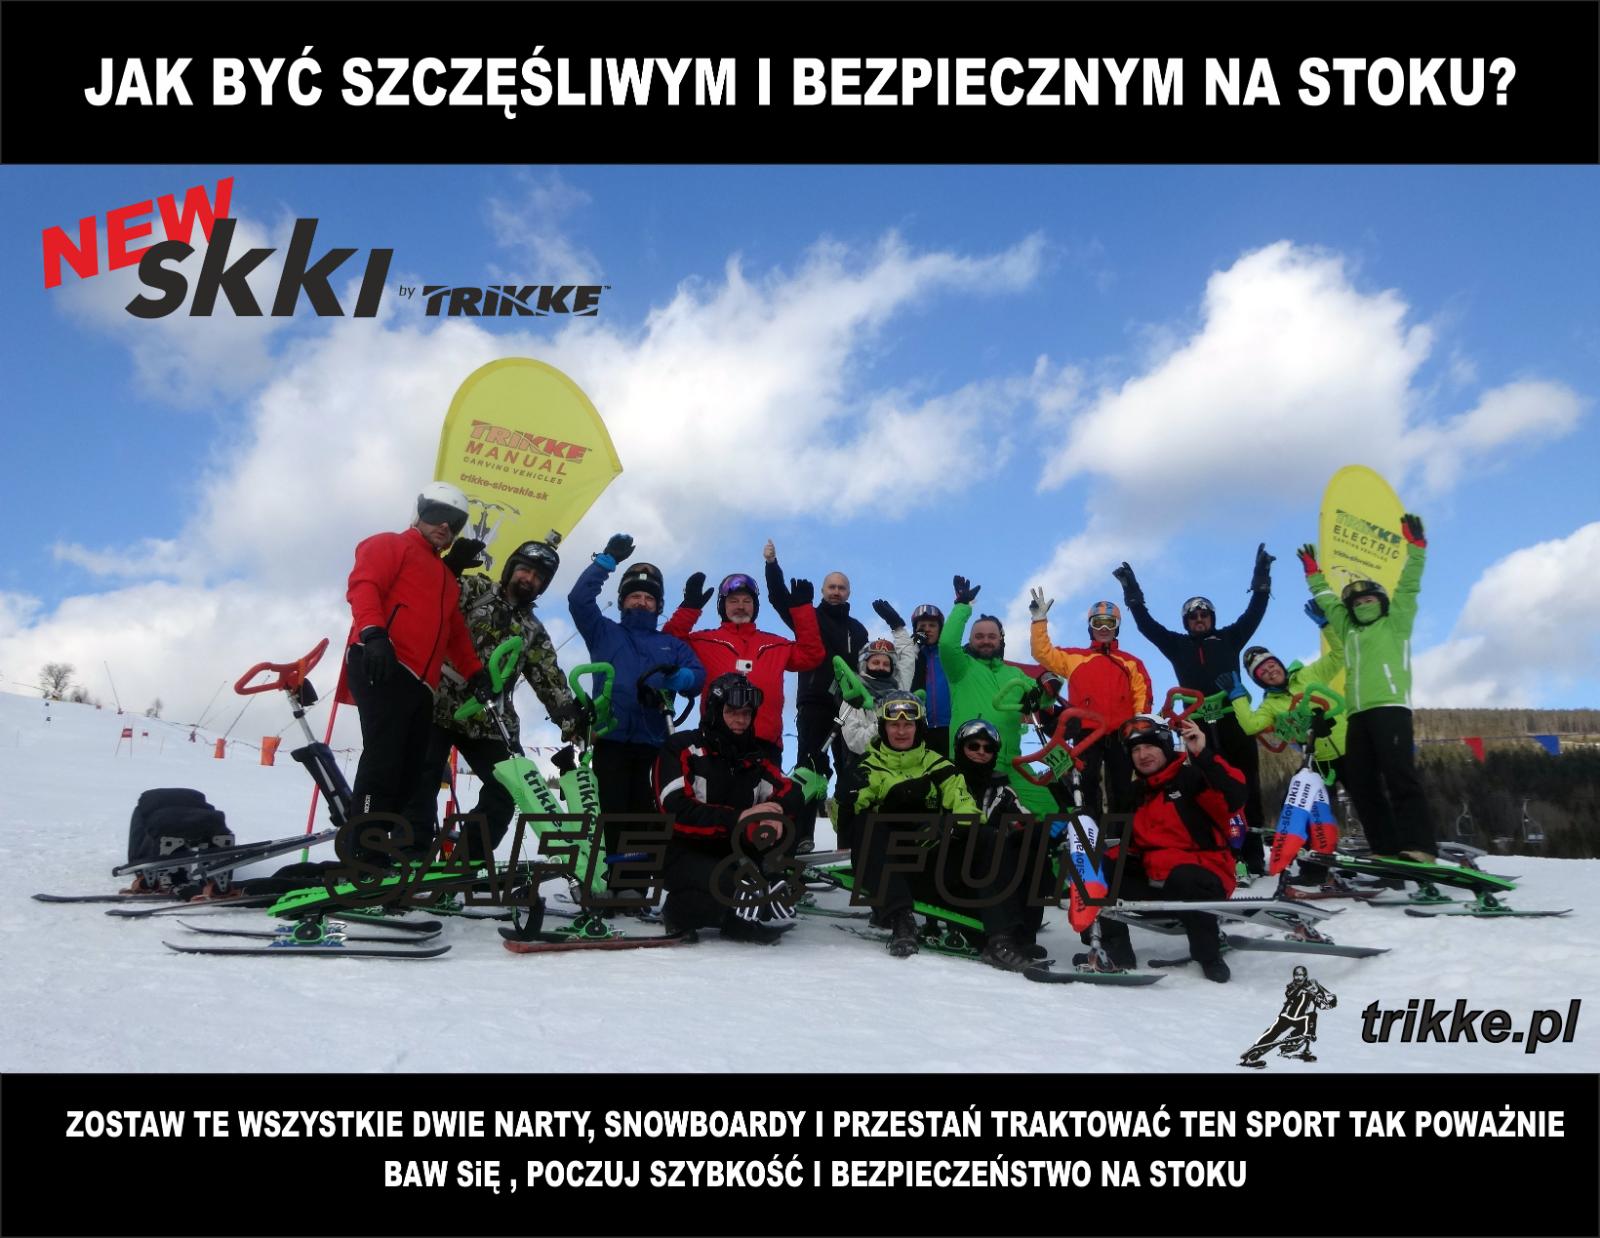 Skki - Trikke - Skki 2017 model - Trzy narty ed57ac